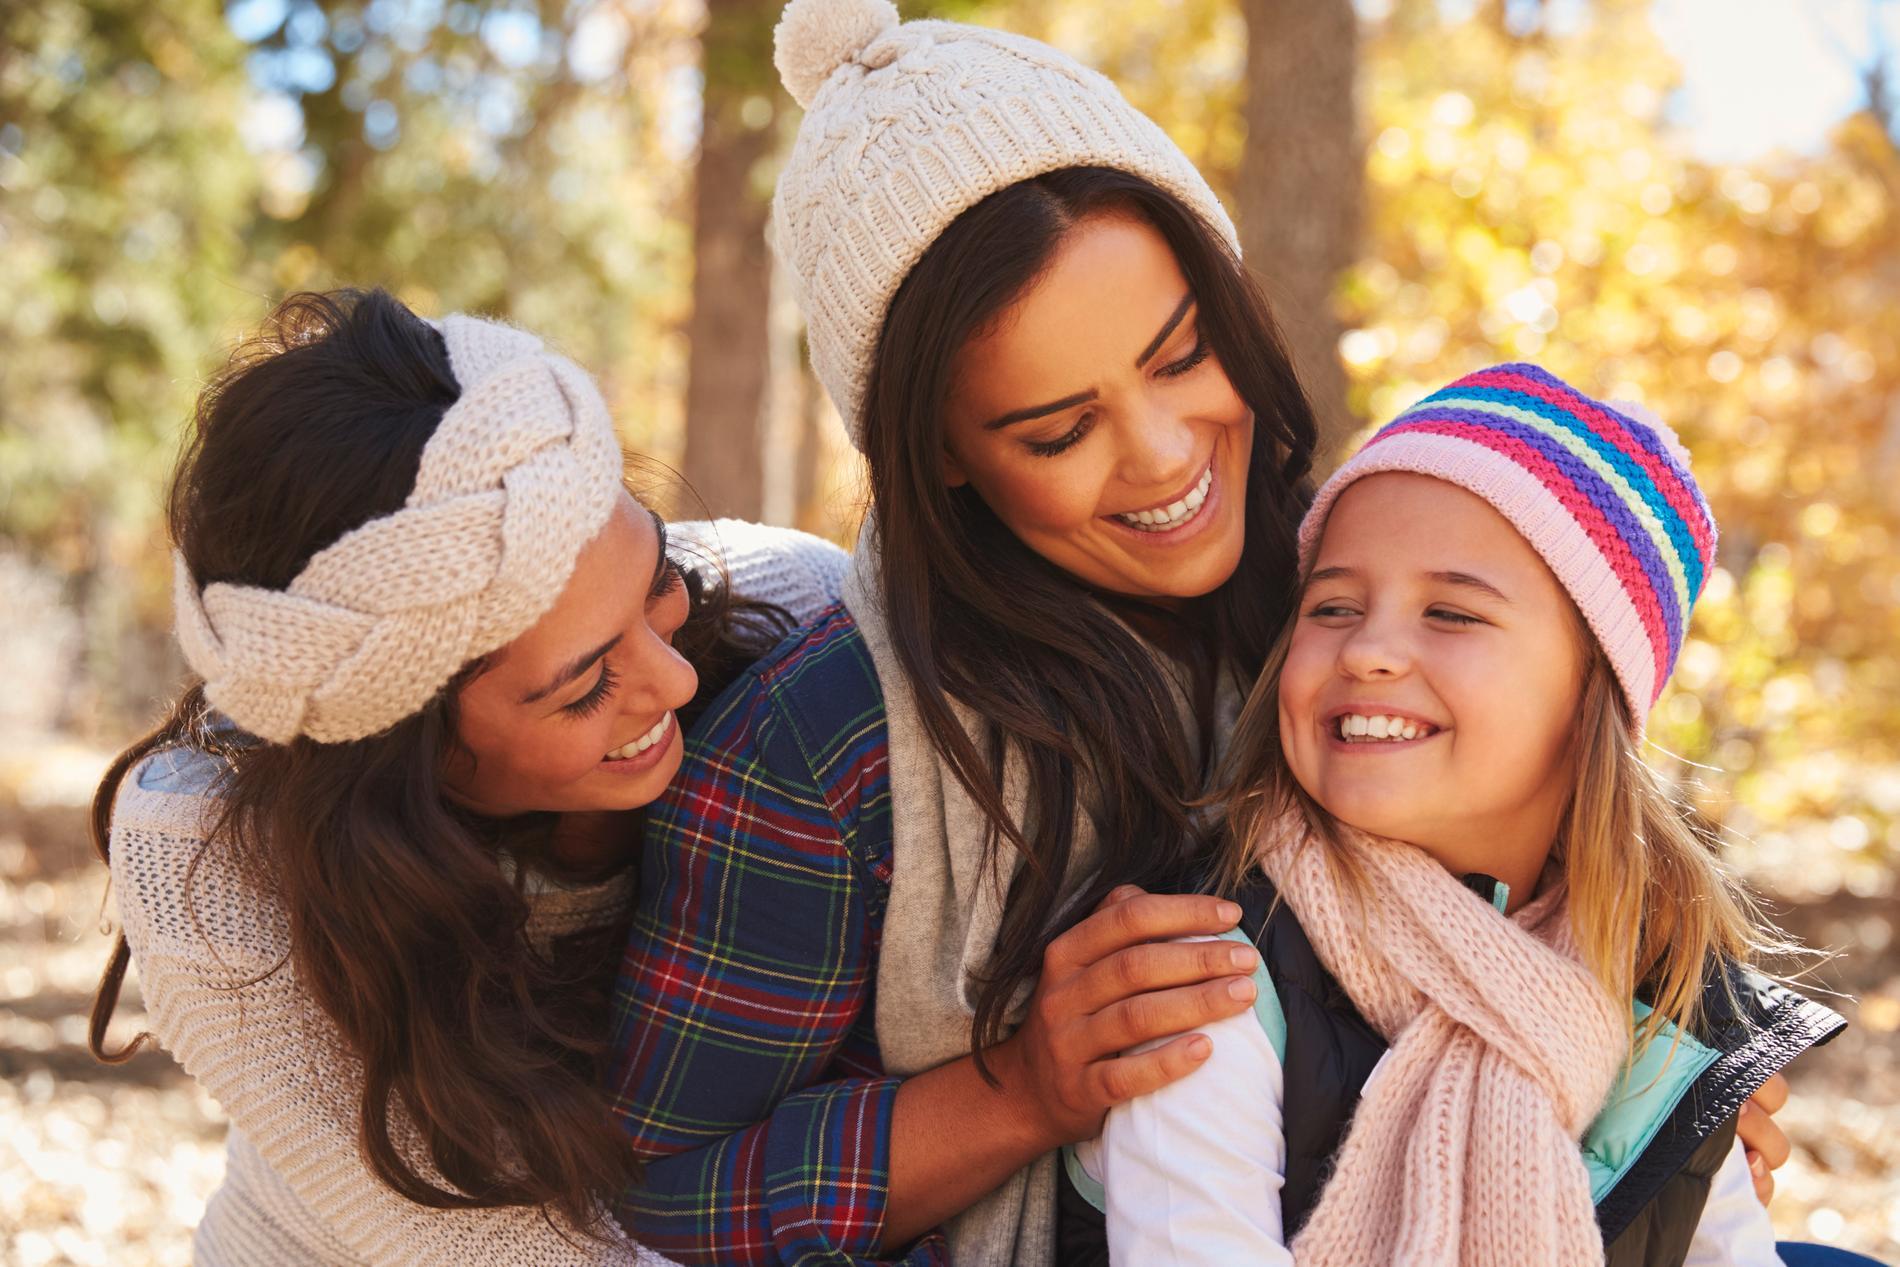 Under hela uppväxten är barnets behov av närhet lika viktig.